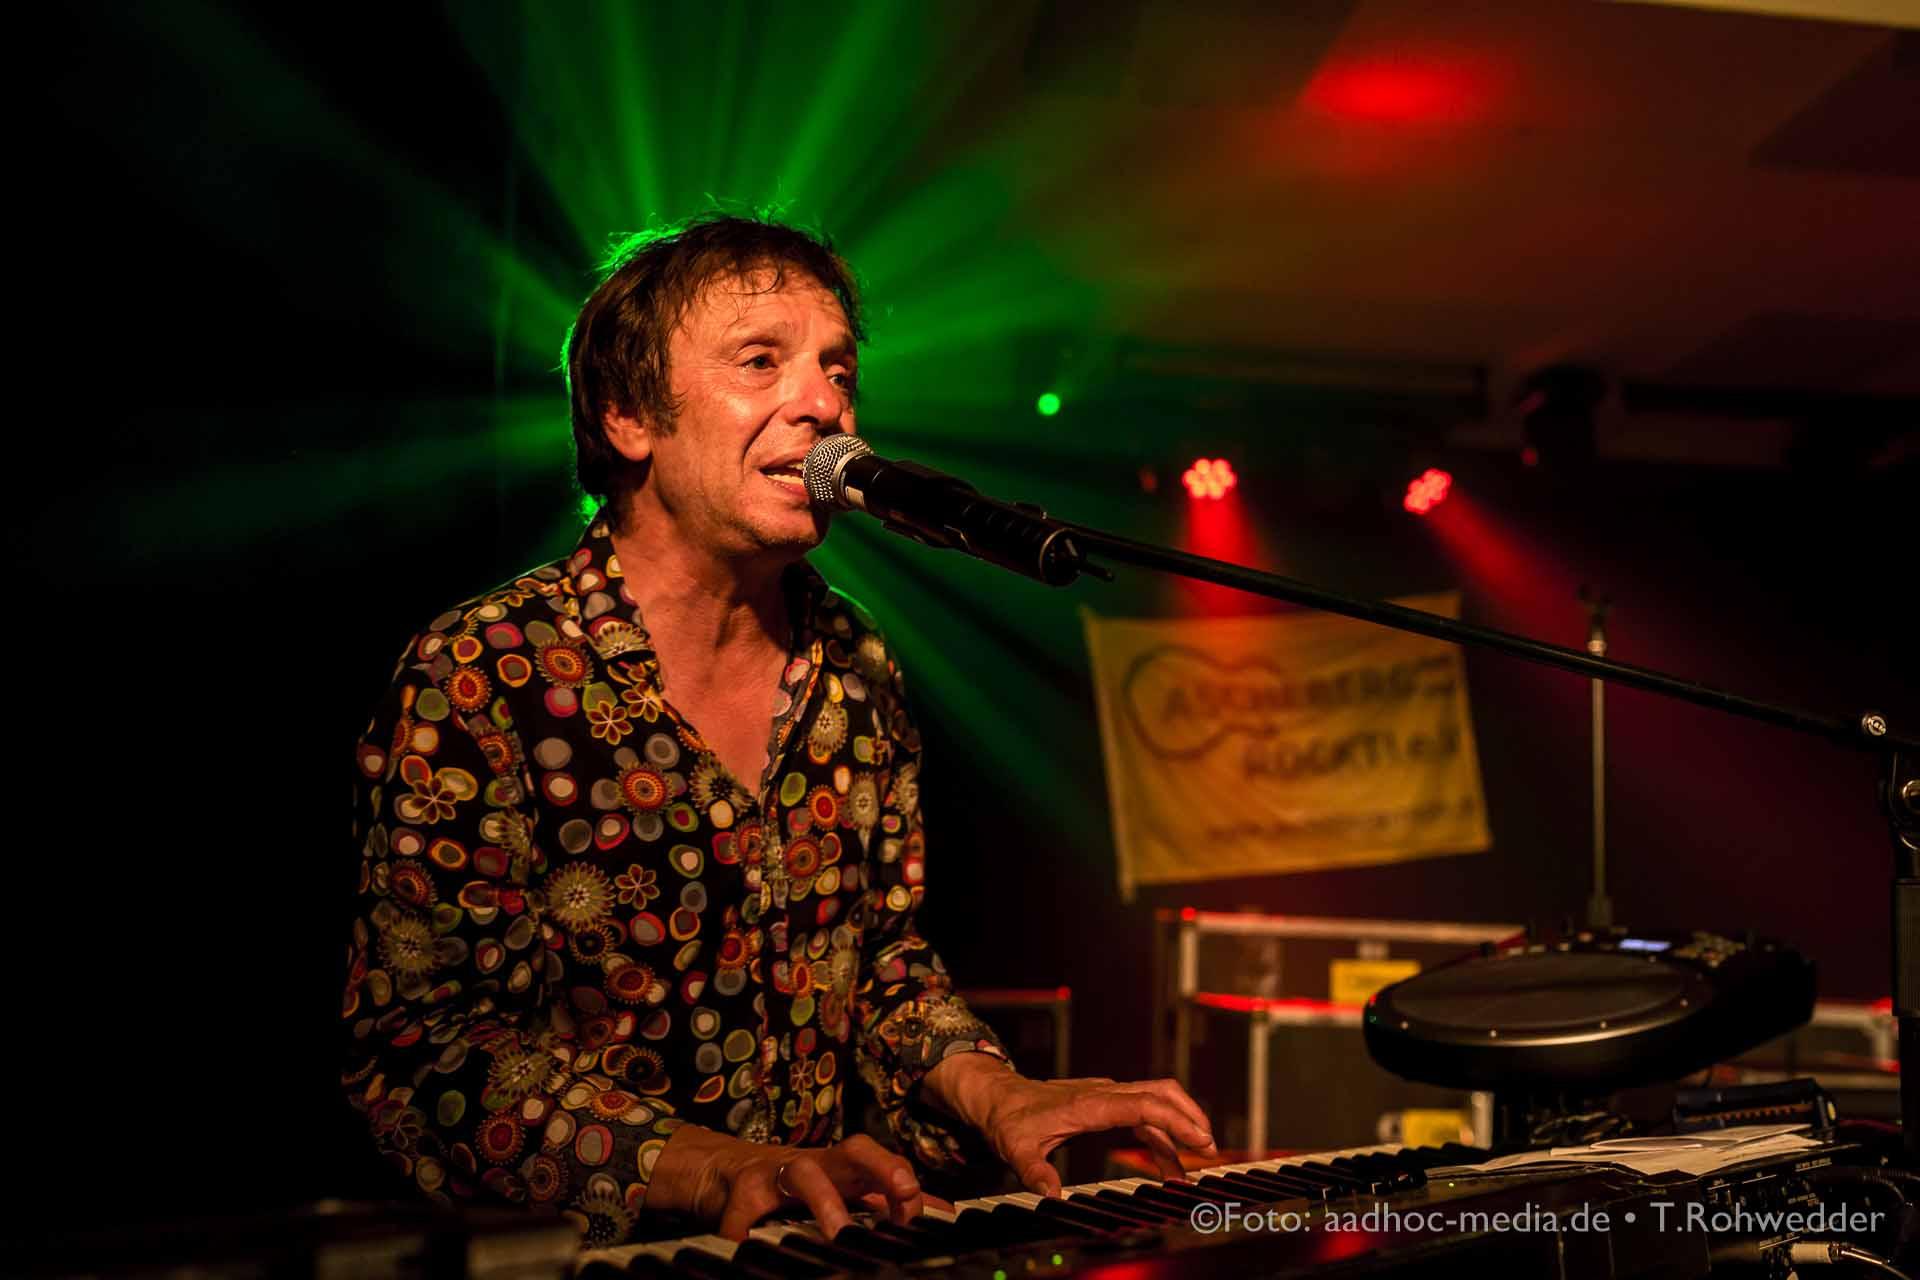 Purple Schulz + Schrader spielen am 20.09.2014 in Ascheberg bei Plön © aadhoc-media.de • Thomas Rohwedder